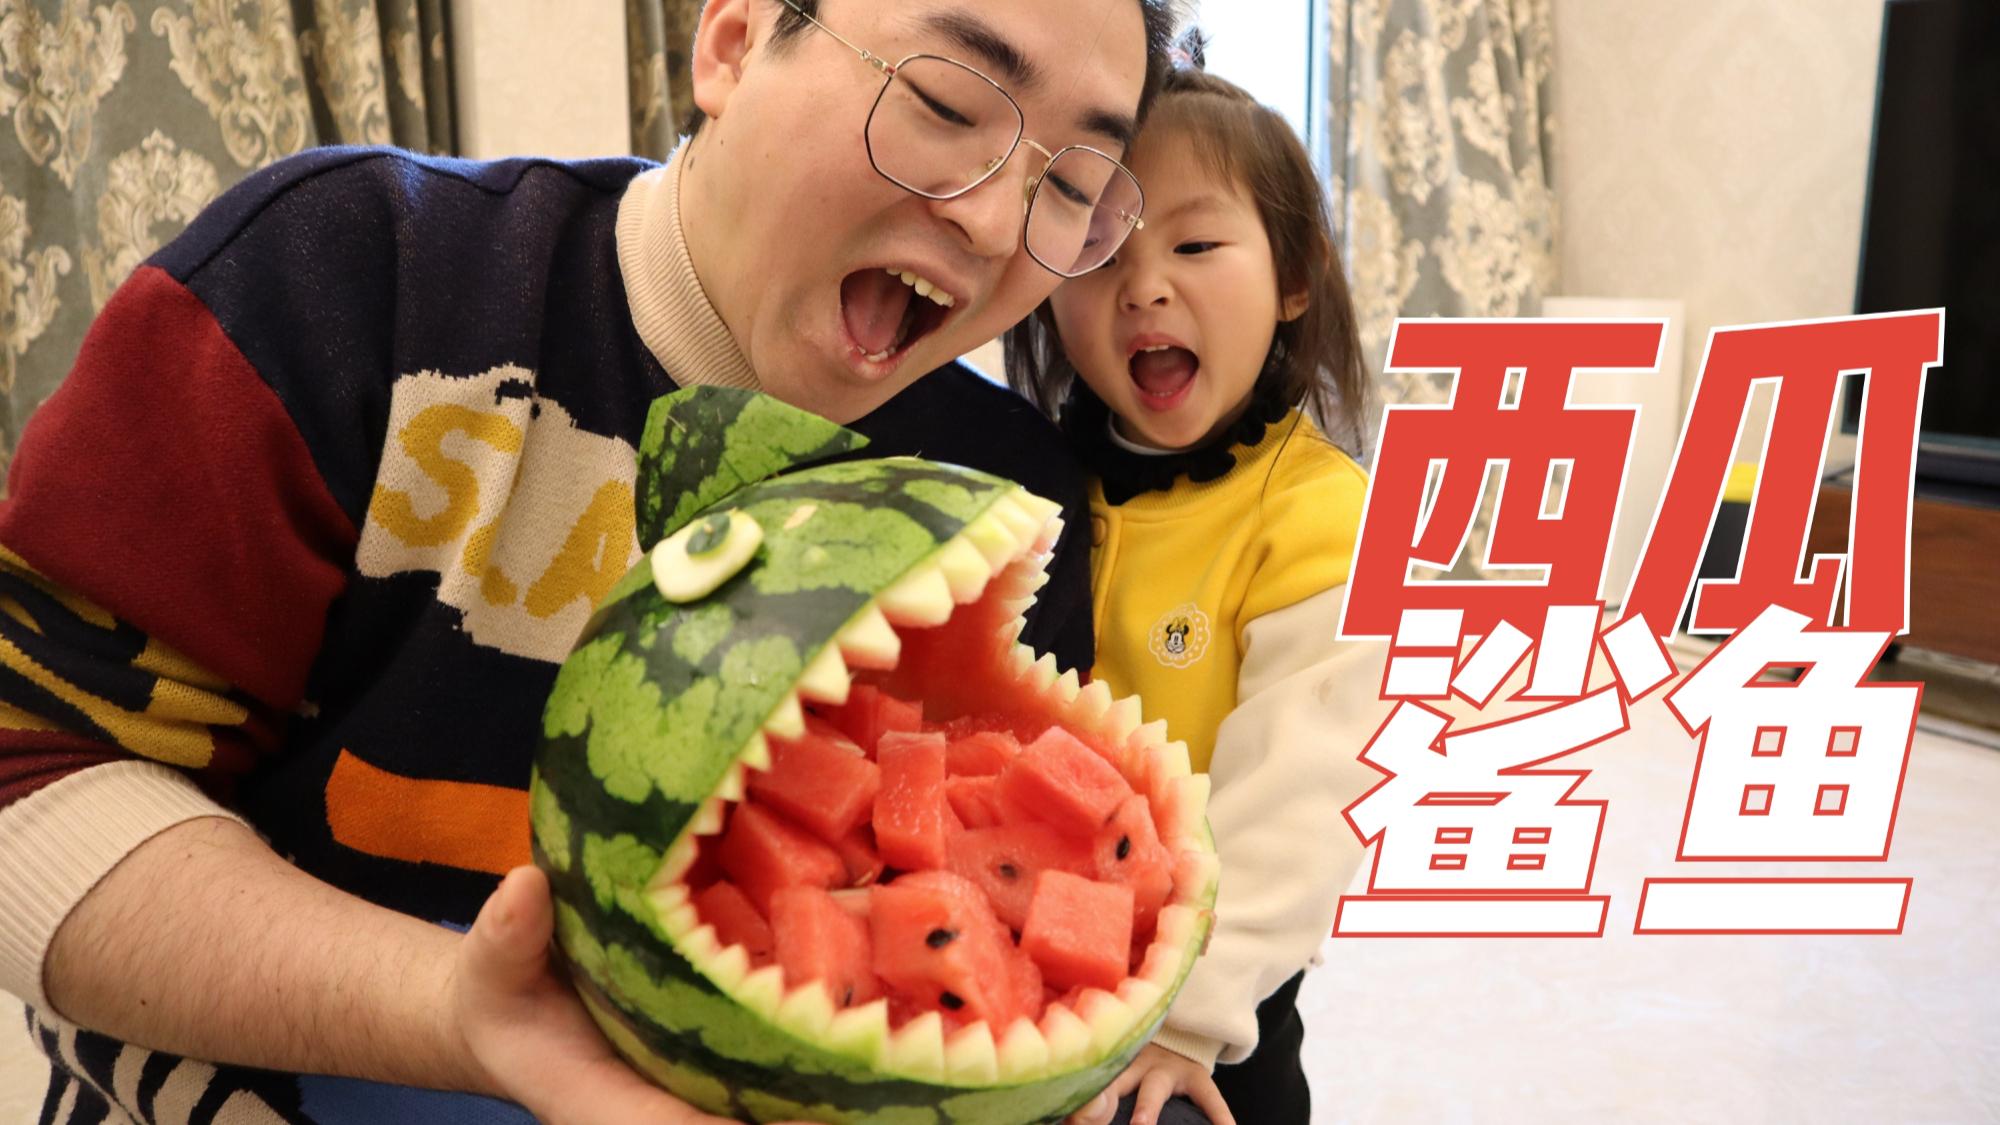 有了孩子之后,陪她再做西瓜鲨鱼,又是另一种心态了